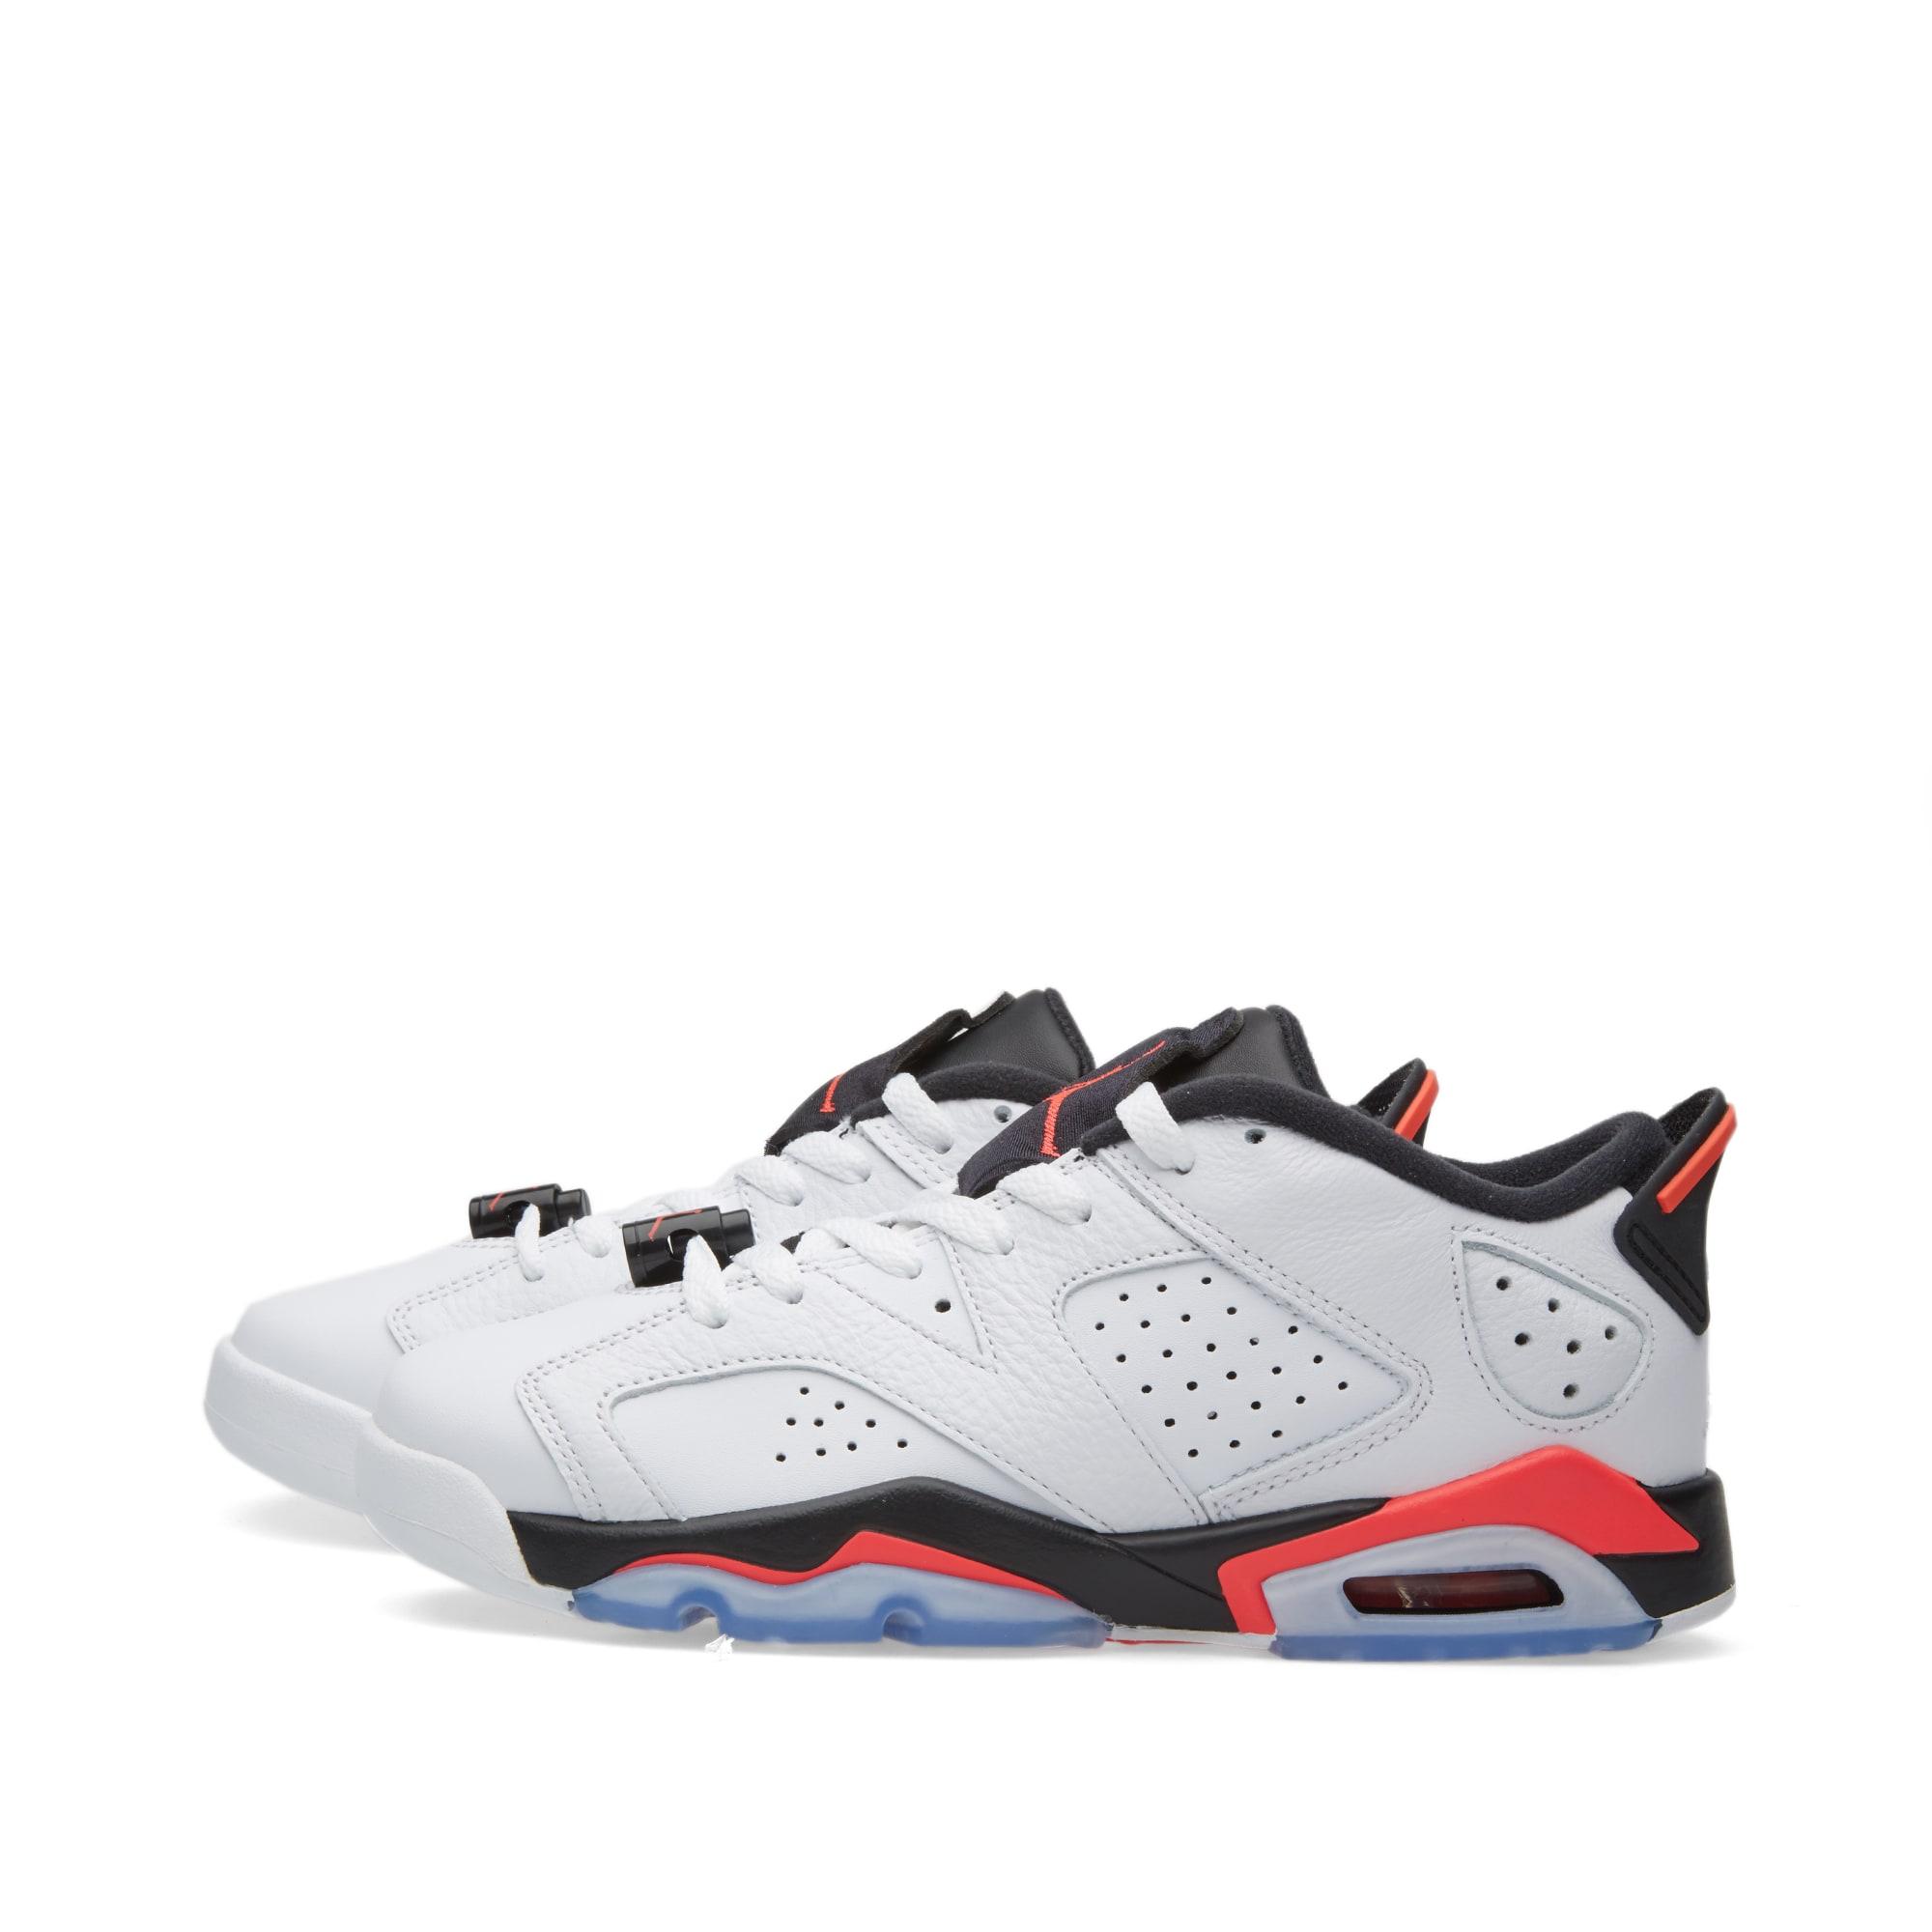 b2e4d556637281 Nike Air Jordan 6 Retro Low BG White